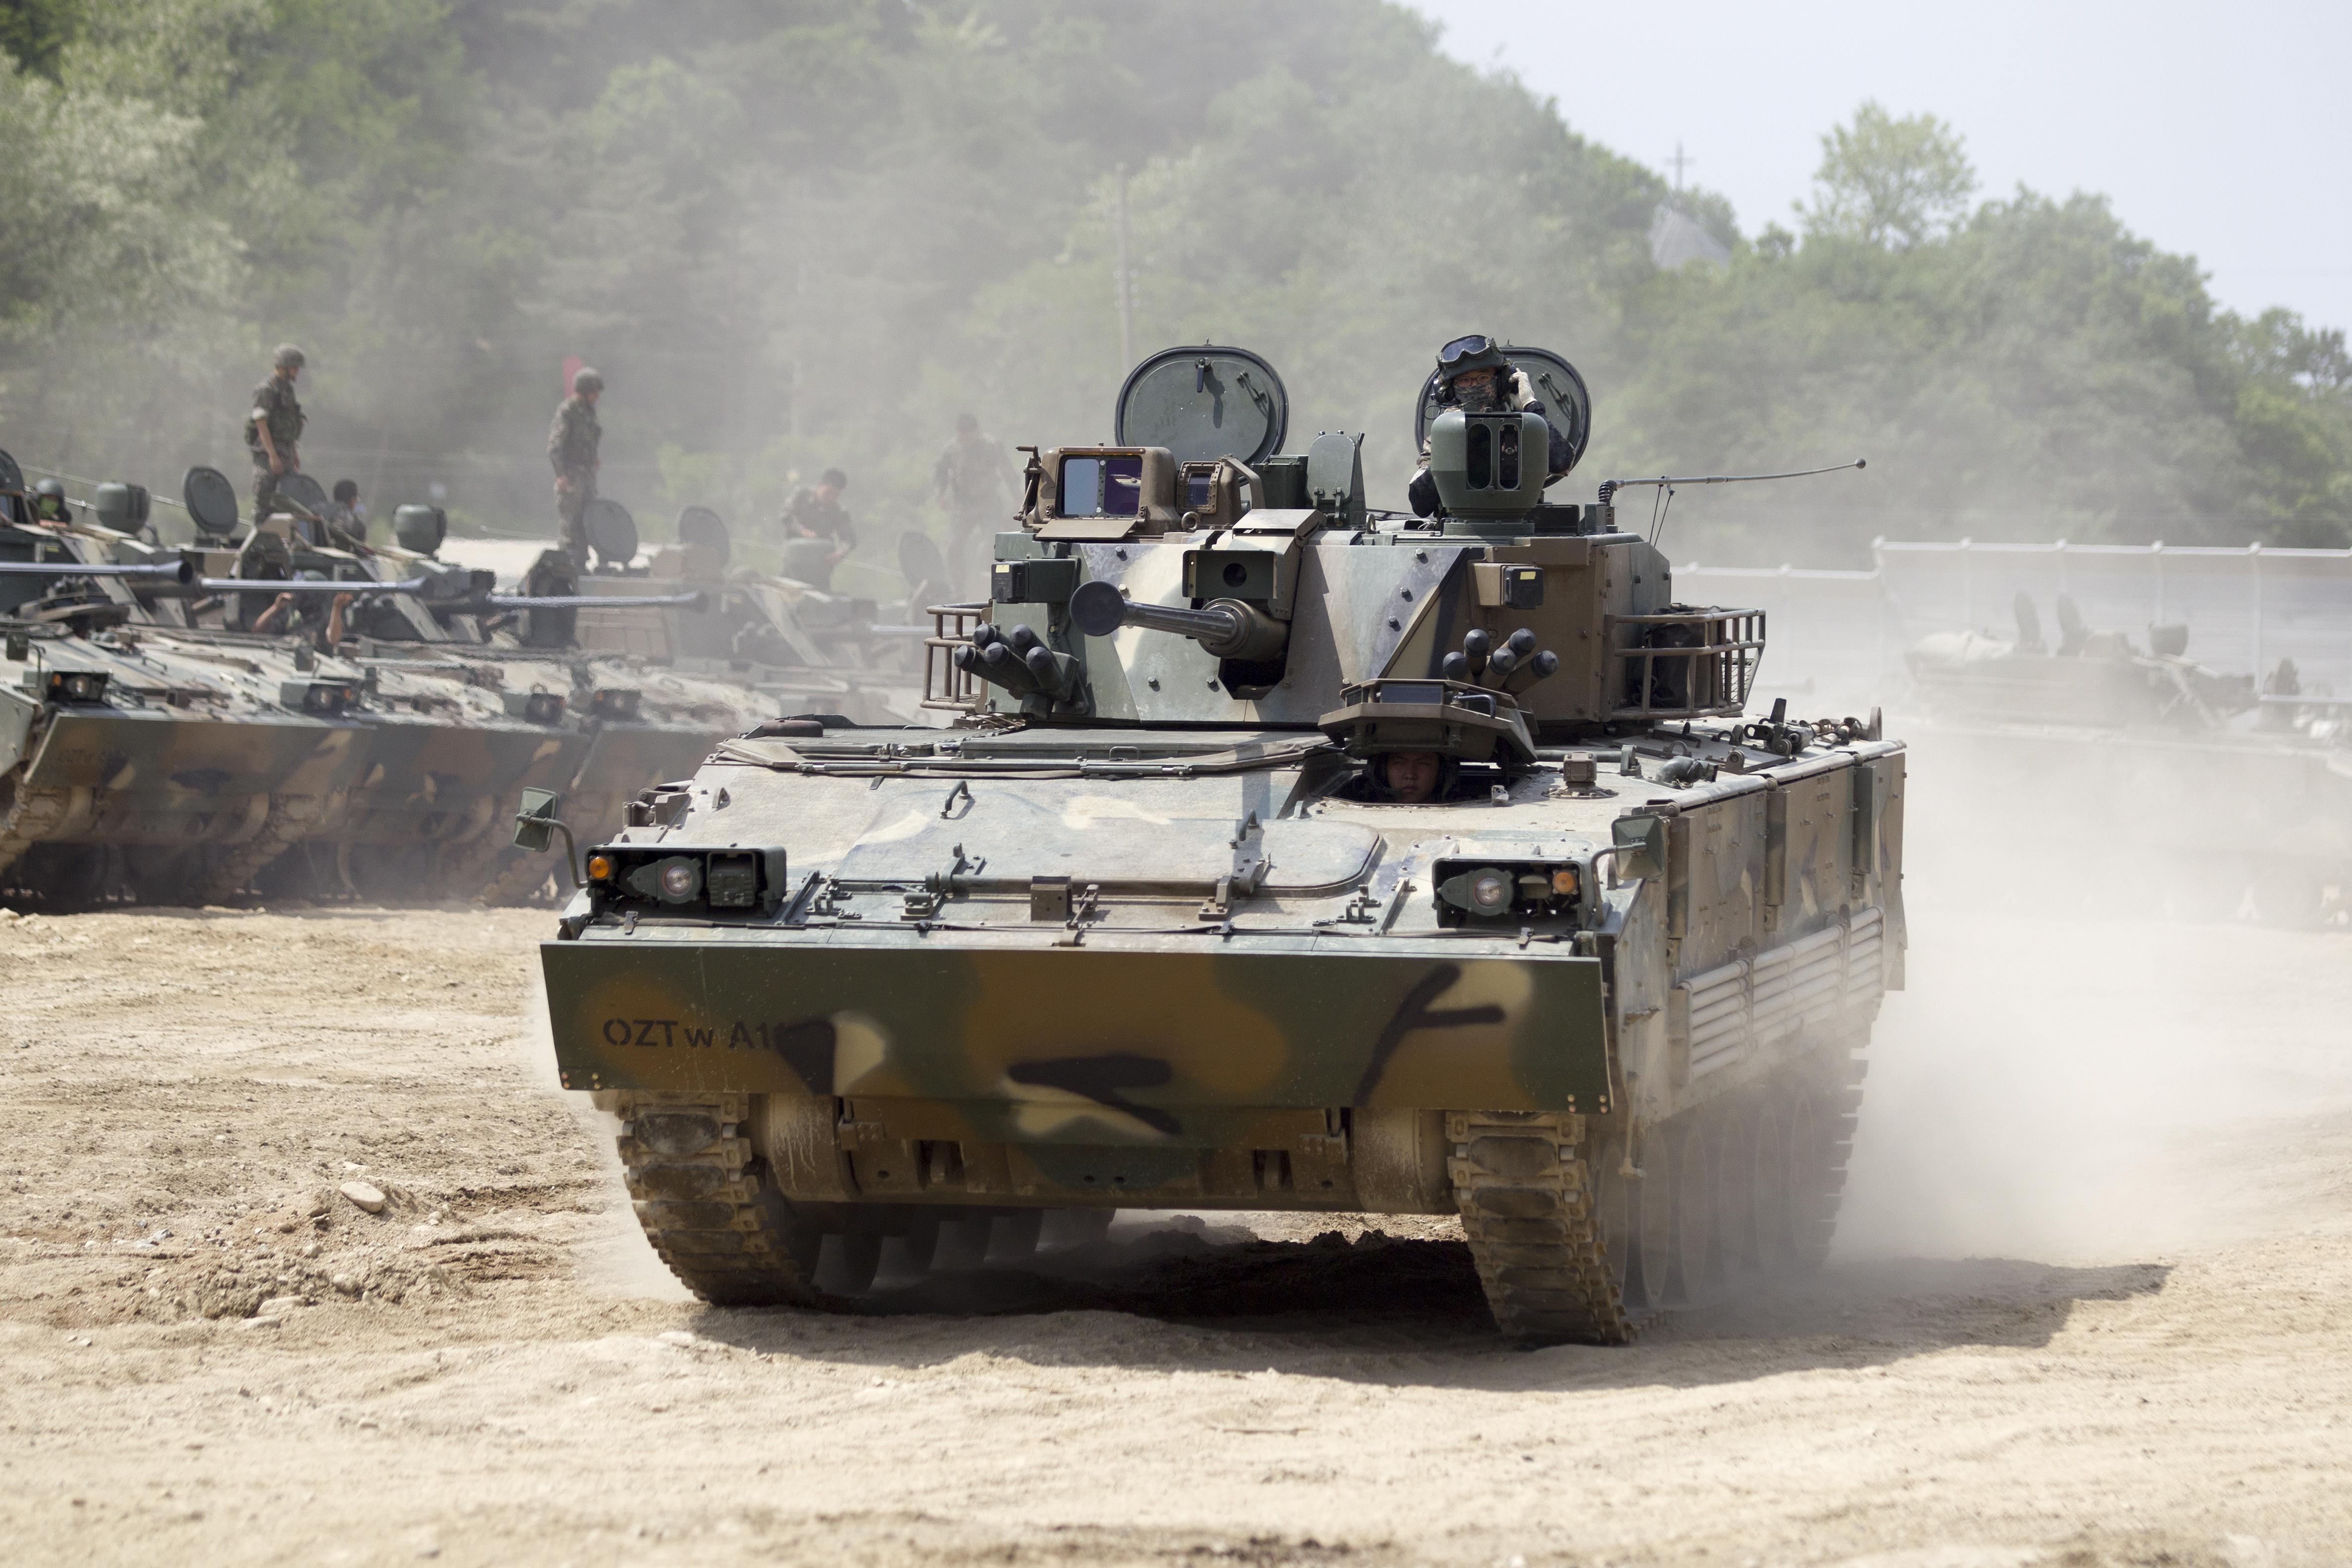 2014.5.20 육군 수도기계화보병사단 K-21 장갑차 전투사격훈련 K-21 combat firing practice, Republic of Korea Army Capital Mechanized Infantry Division (14299828042).jpg